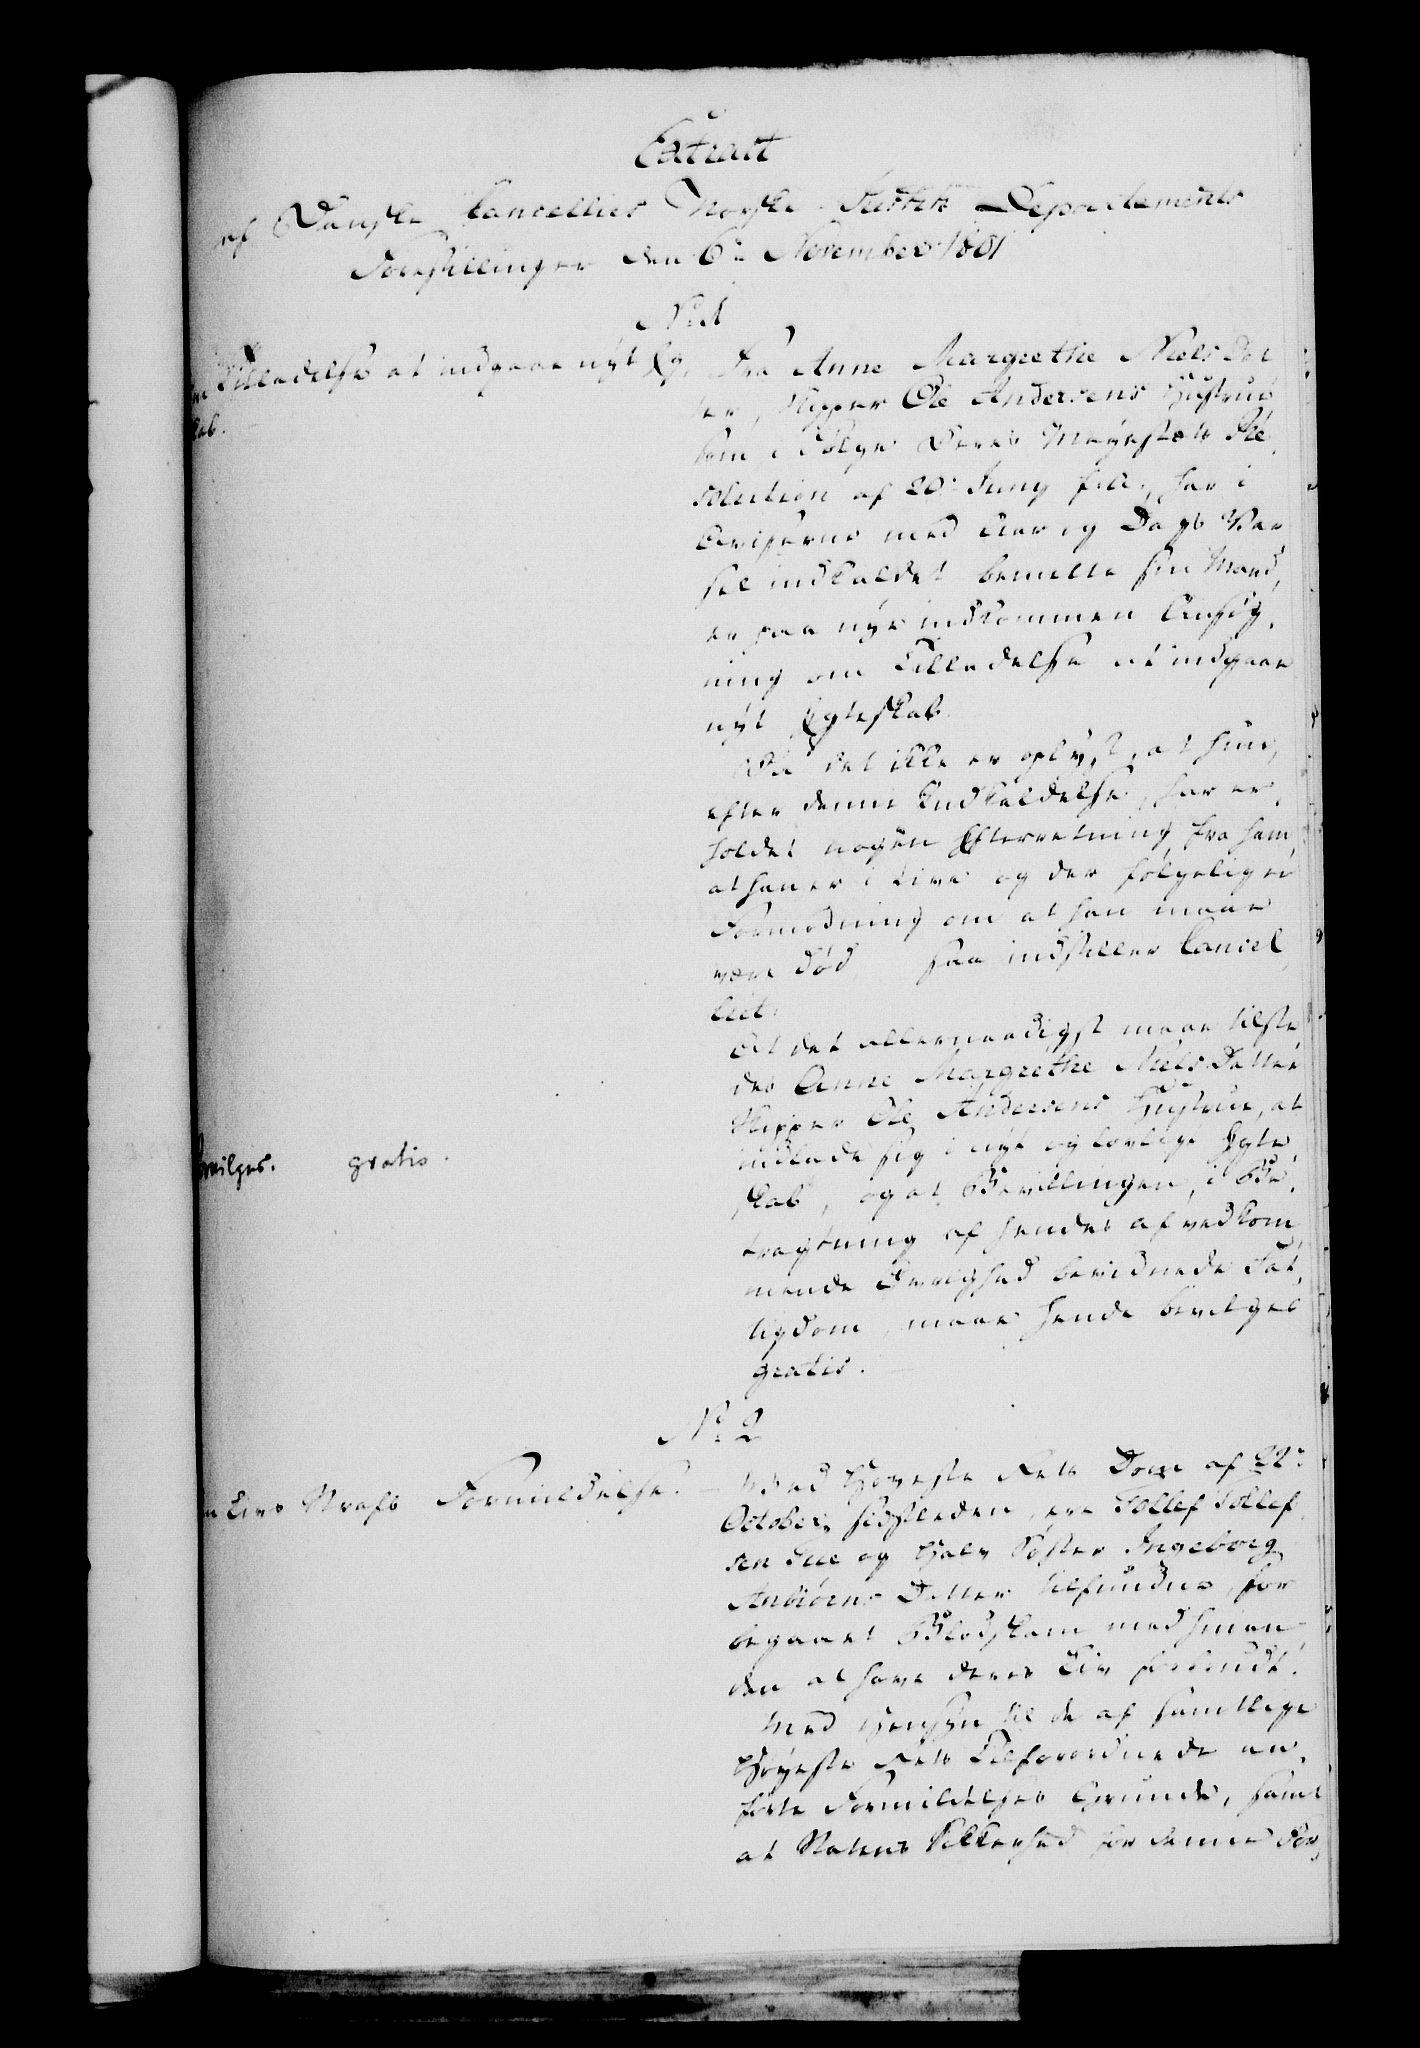 RA, Danske Kanselli 1800-1814, H/Hf/Hfa/Hfaa/L0002: Ekstrakt av forestillinger, 1801